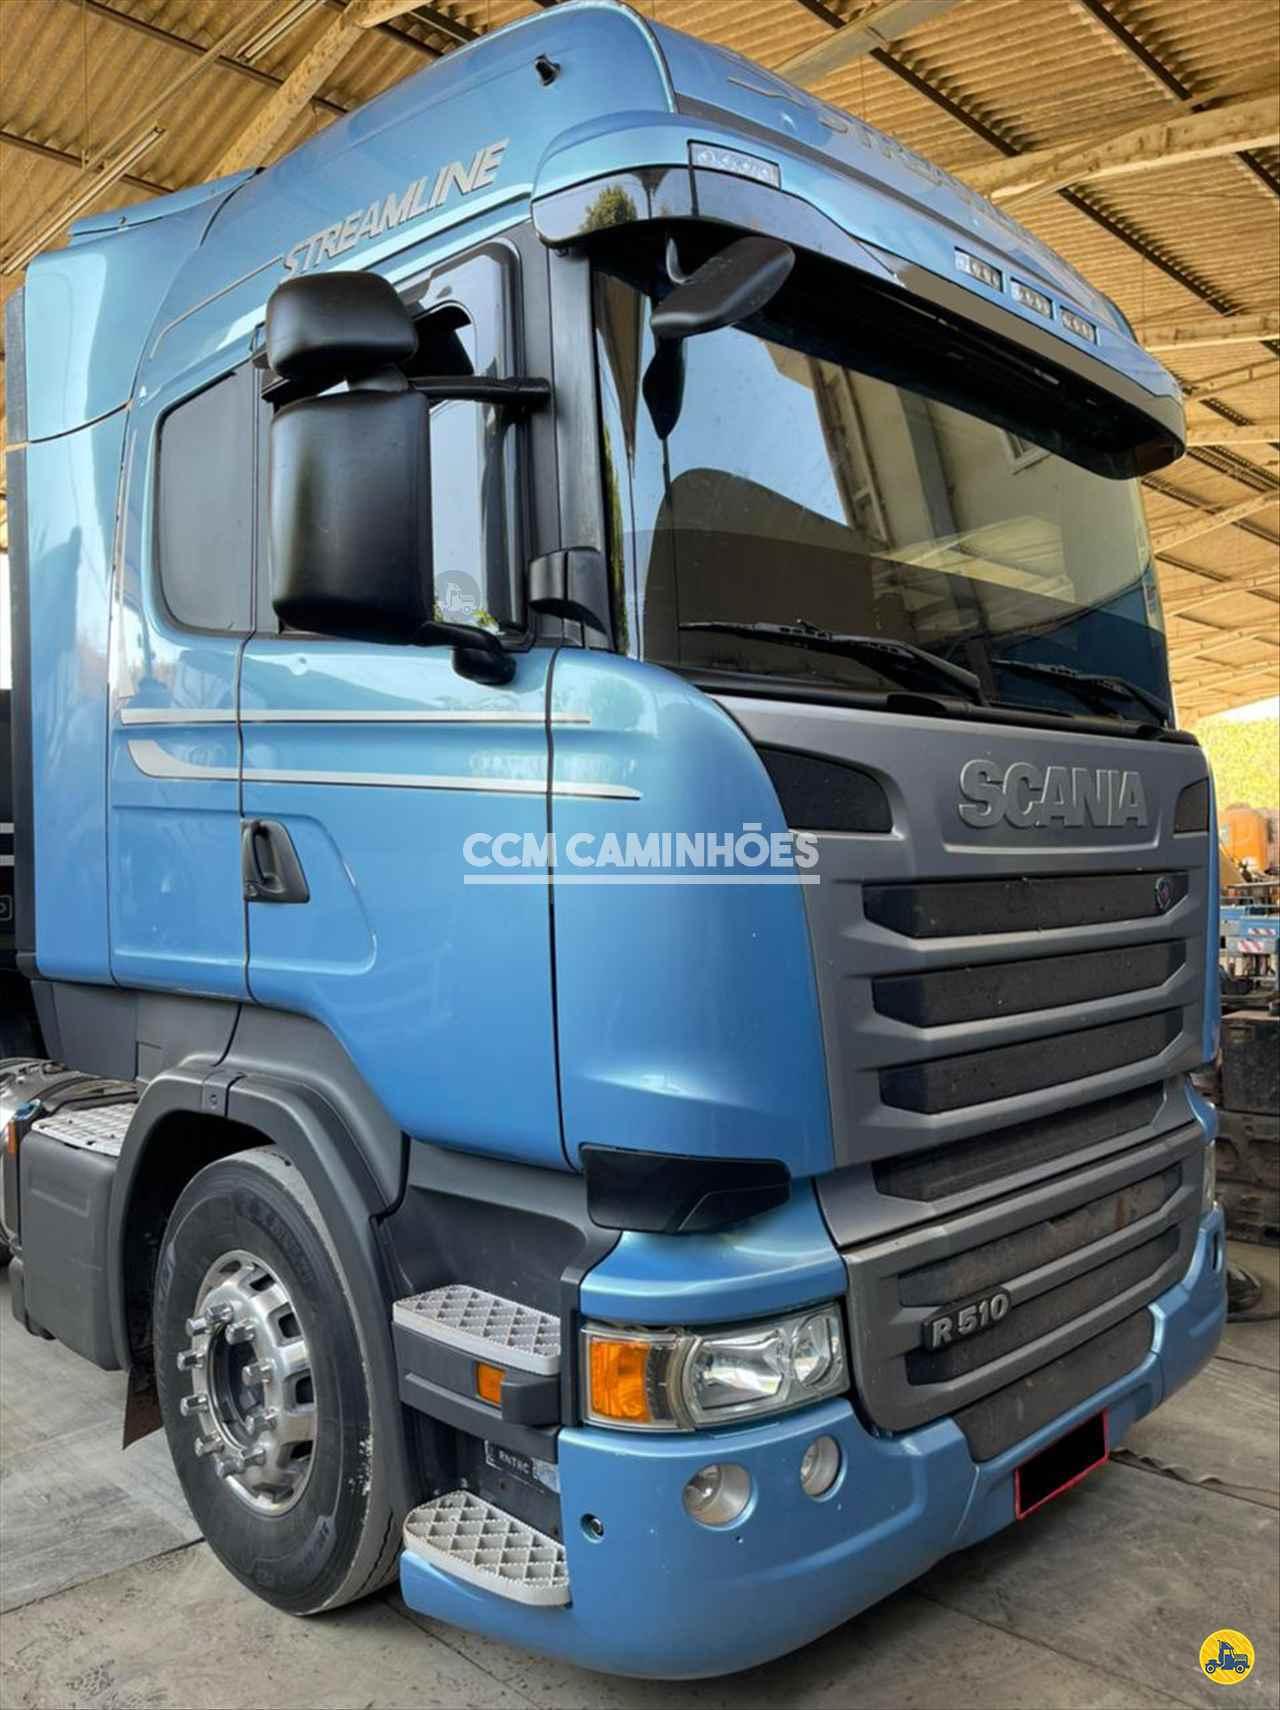 SCANIA 510 de CCM Caminhões - GOIANIA/GO